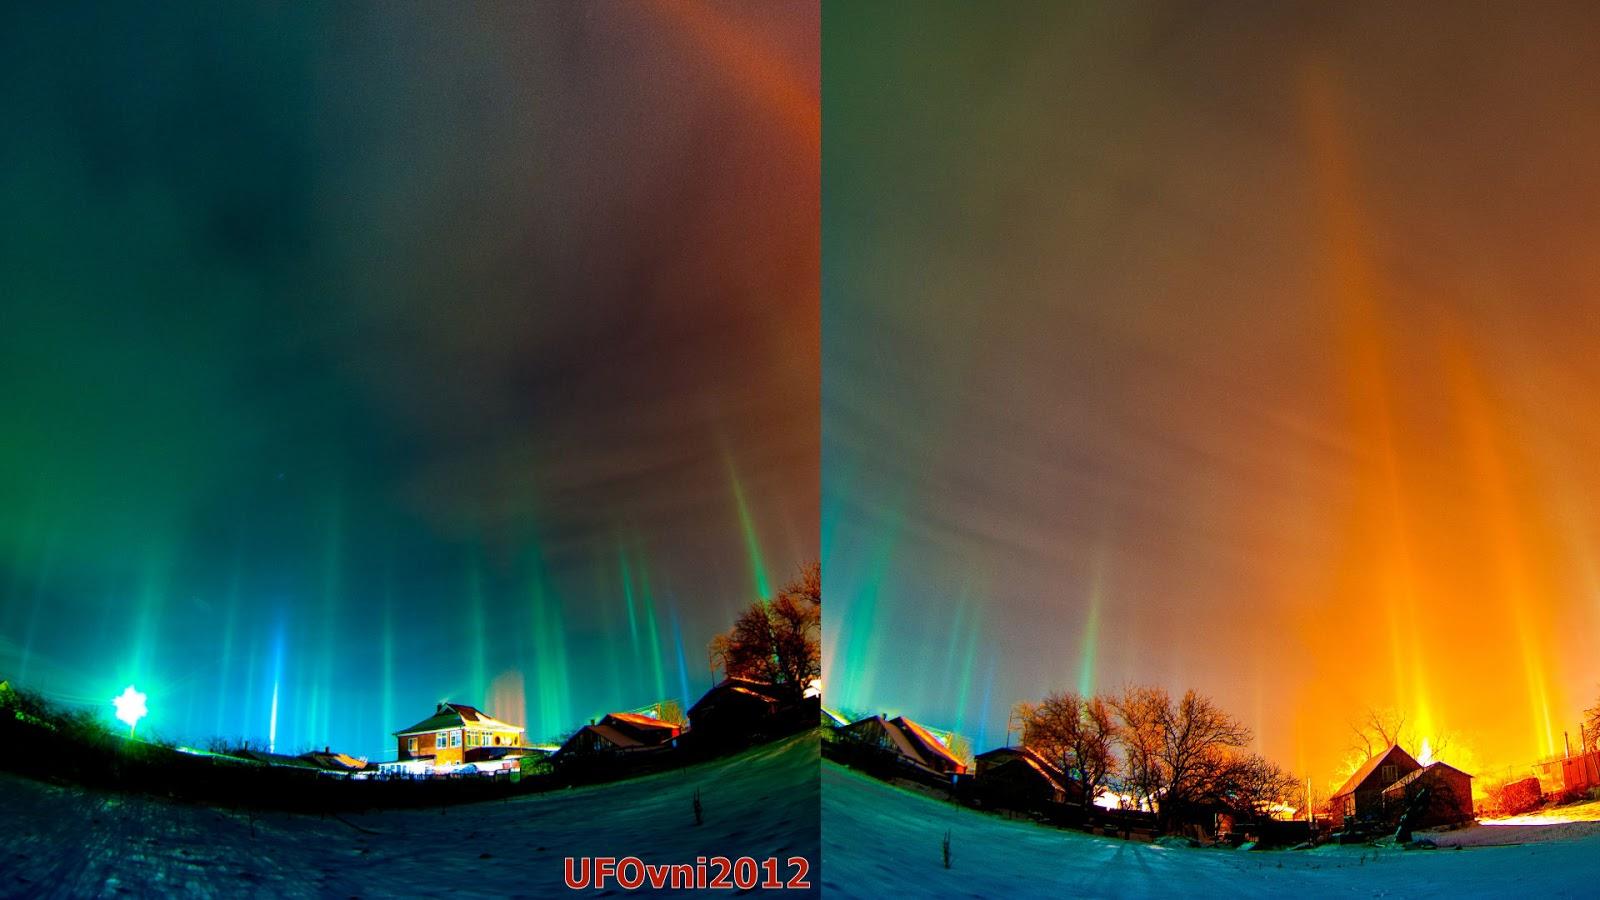 Portails inter-dimensionnels ouvert le ciel de Troitskaya, Russie, Le 5 Janvier 2016